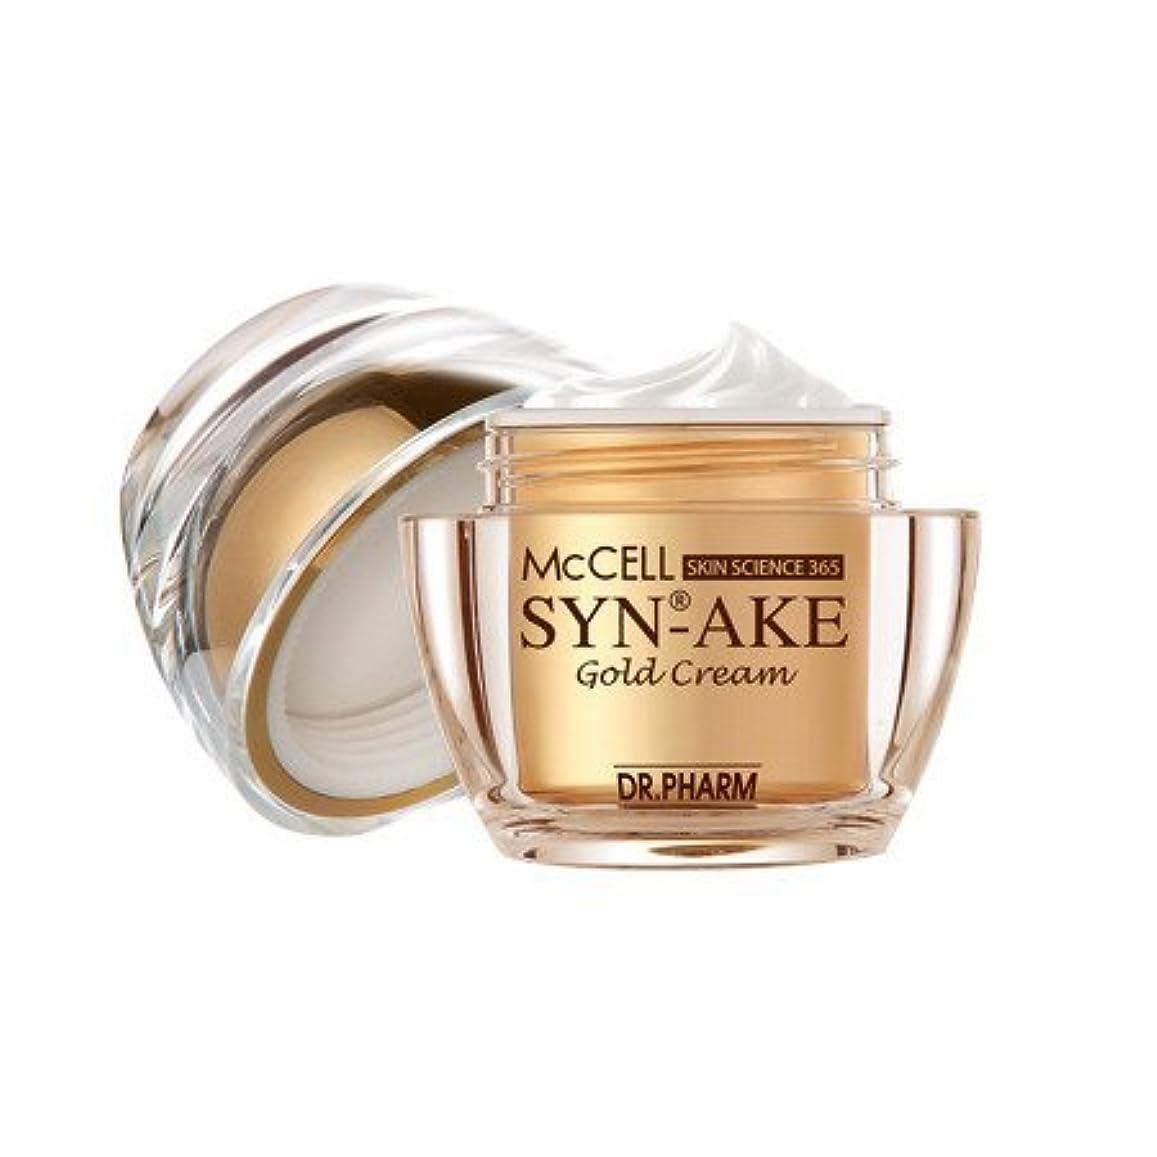 共産主義試験日常的にDr.Pharm マクセルスキンサイエンス365シネイクゴールドクリーム McCELL Synake gold cream